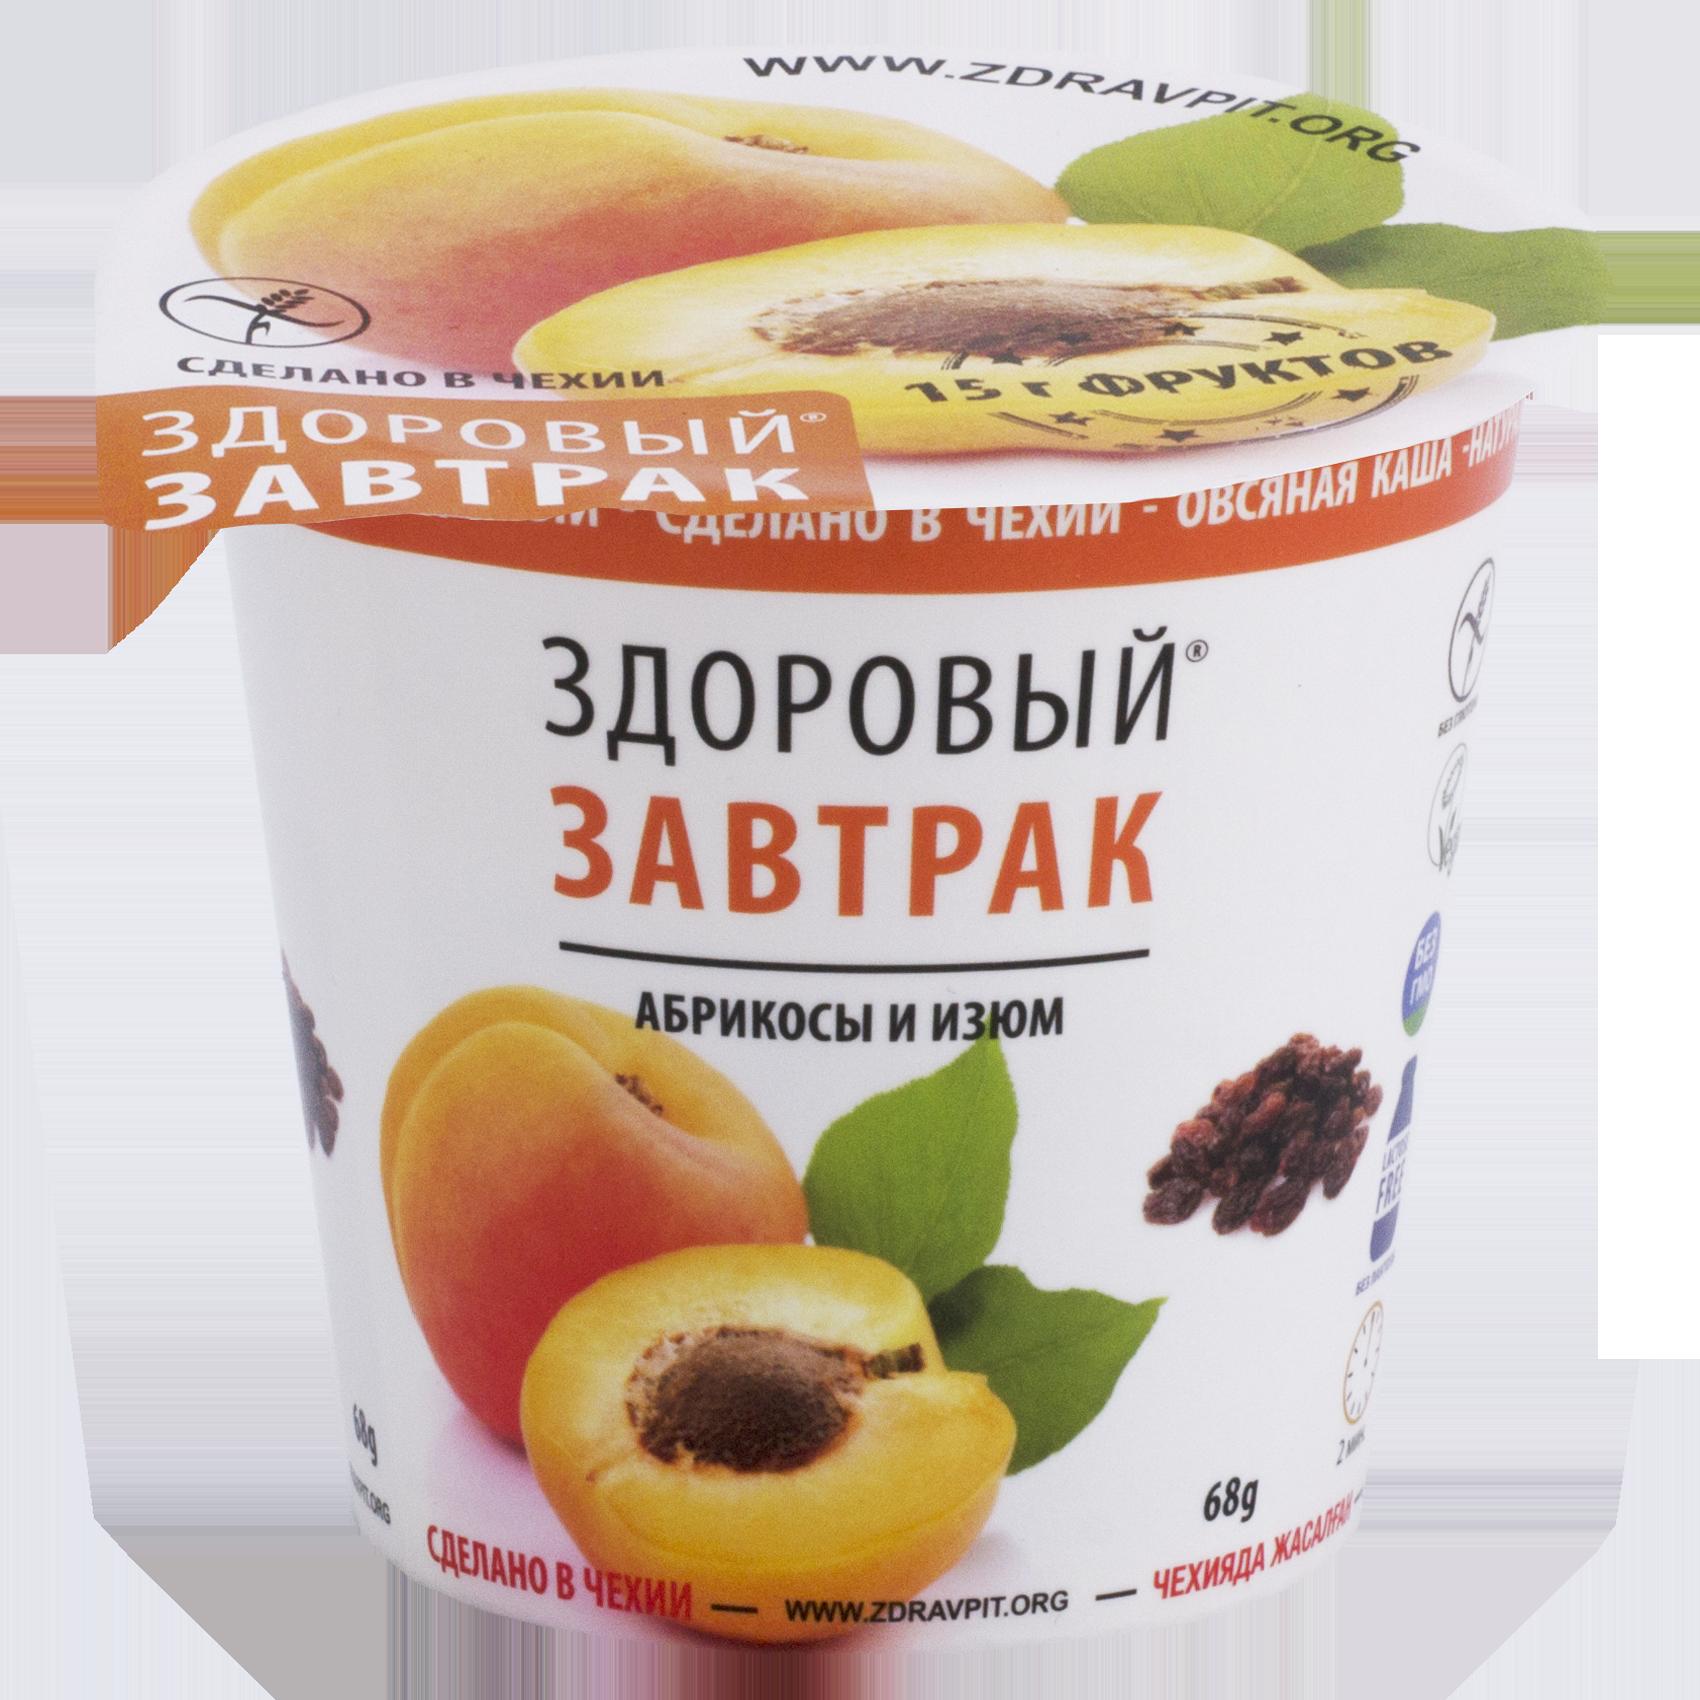 Каша Здоровый завтрак абрикос, изюм 68 г фото